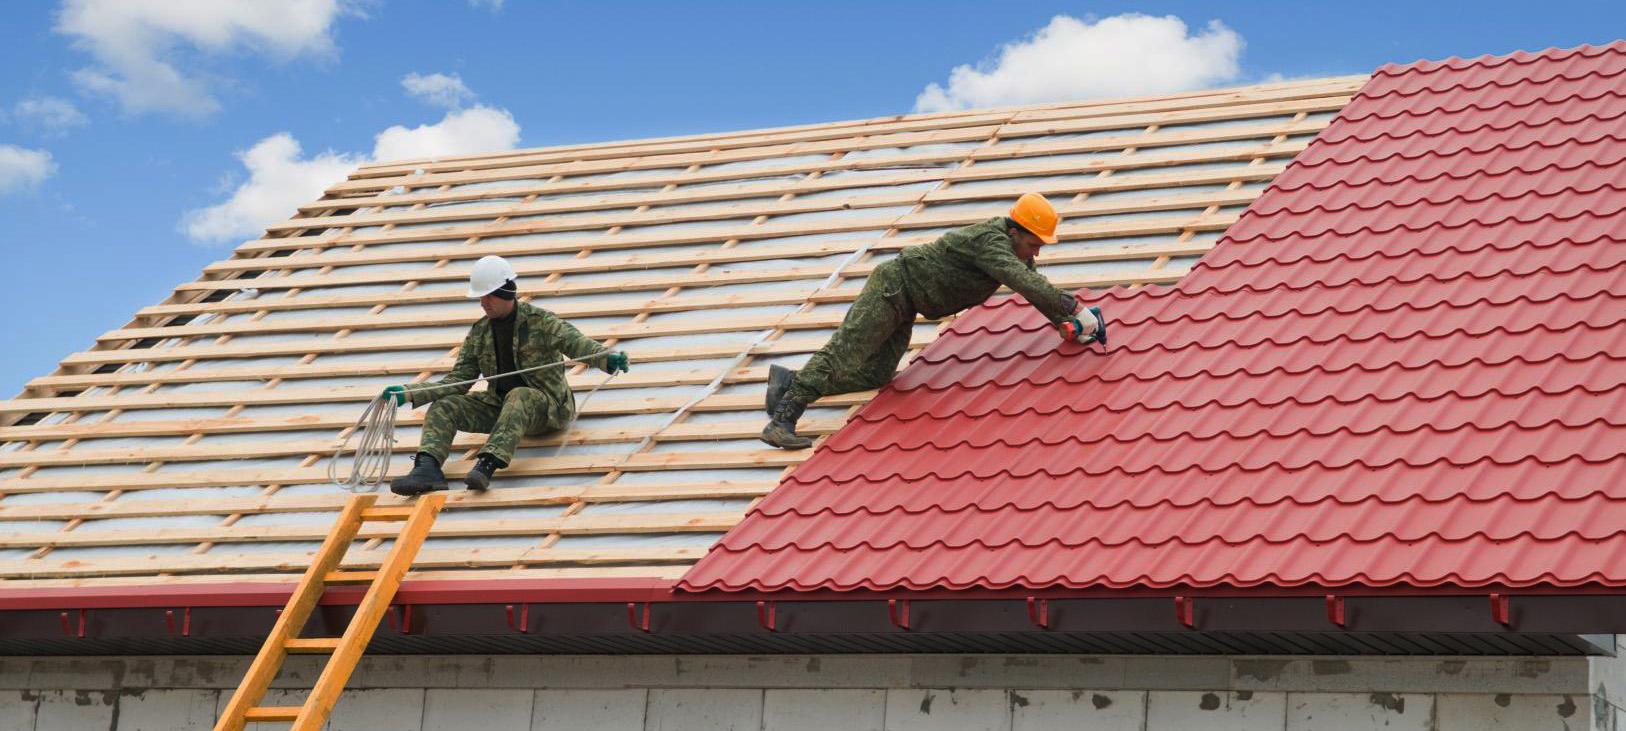 Покрыть крышу профнастилом сарая своими руками